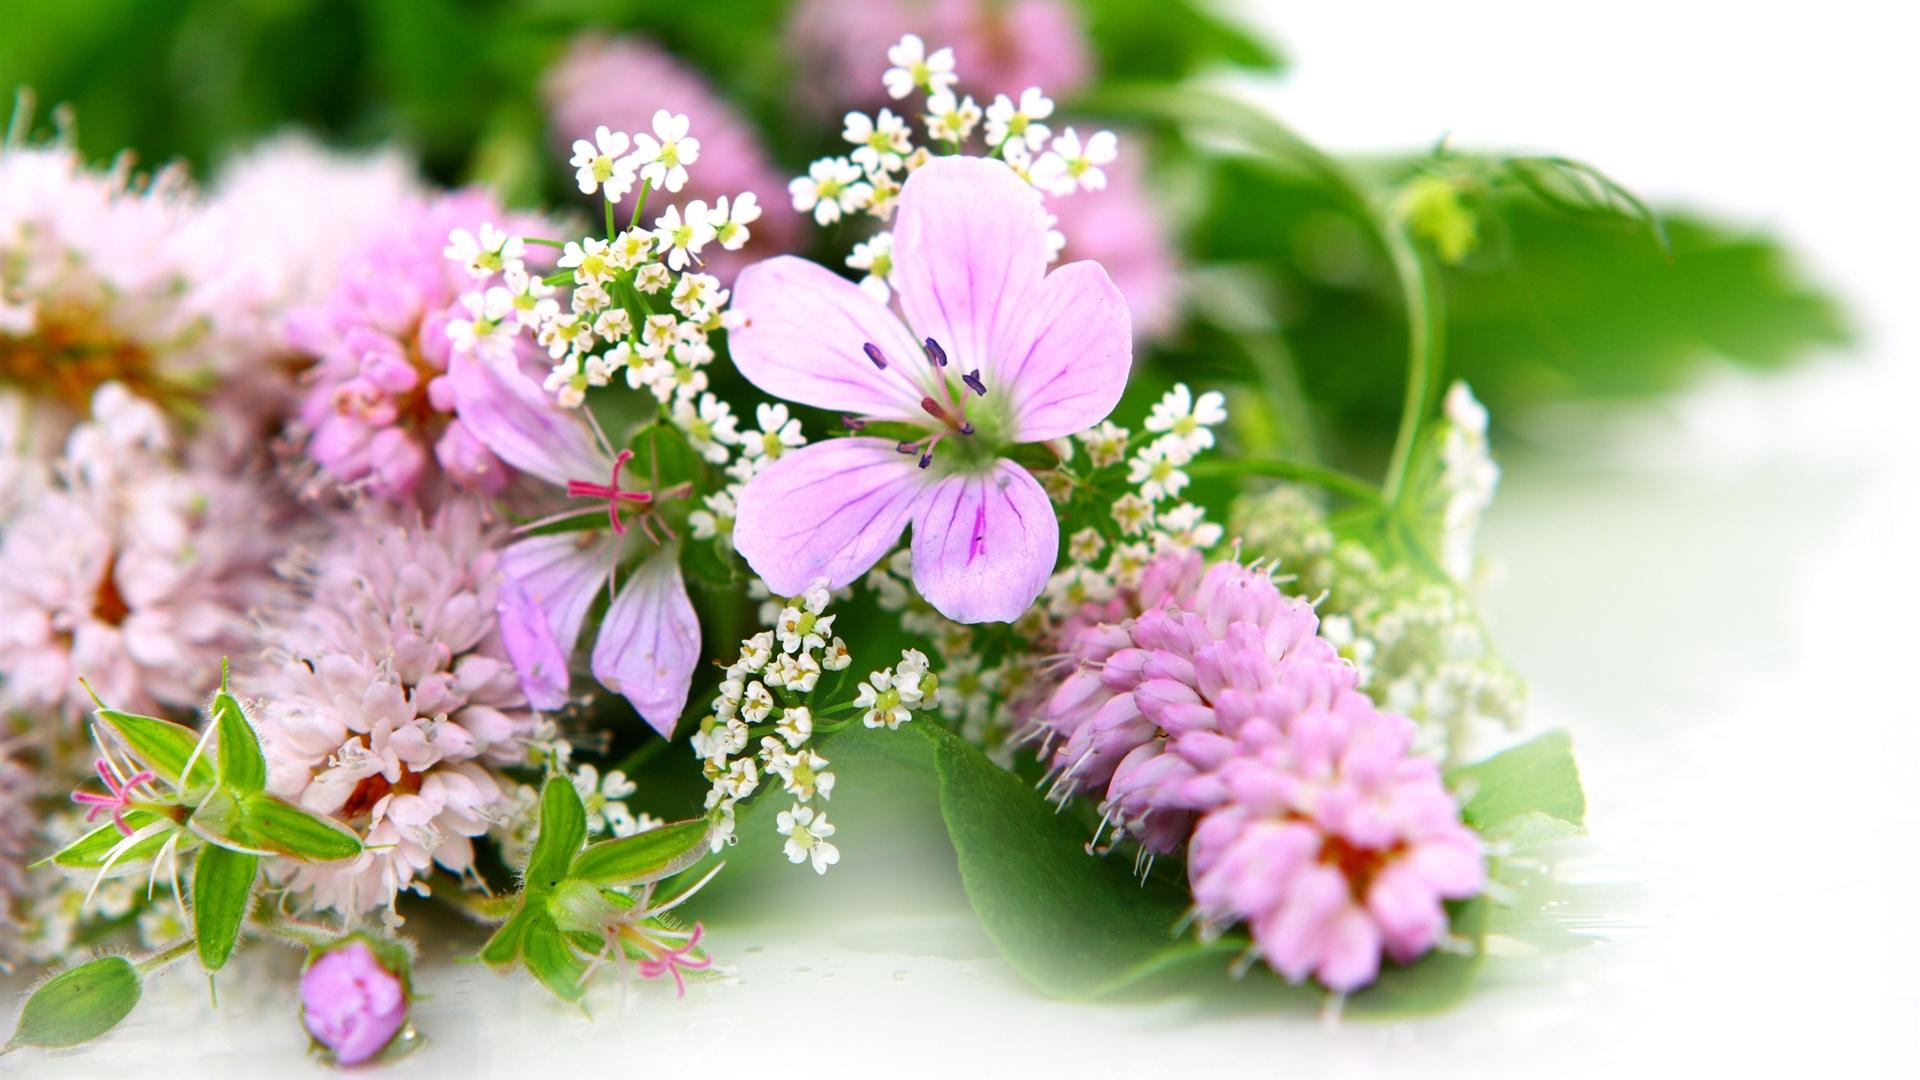 Широкоэкранные обои для рабочего стола цветы